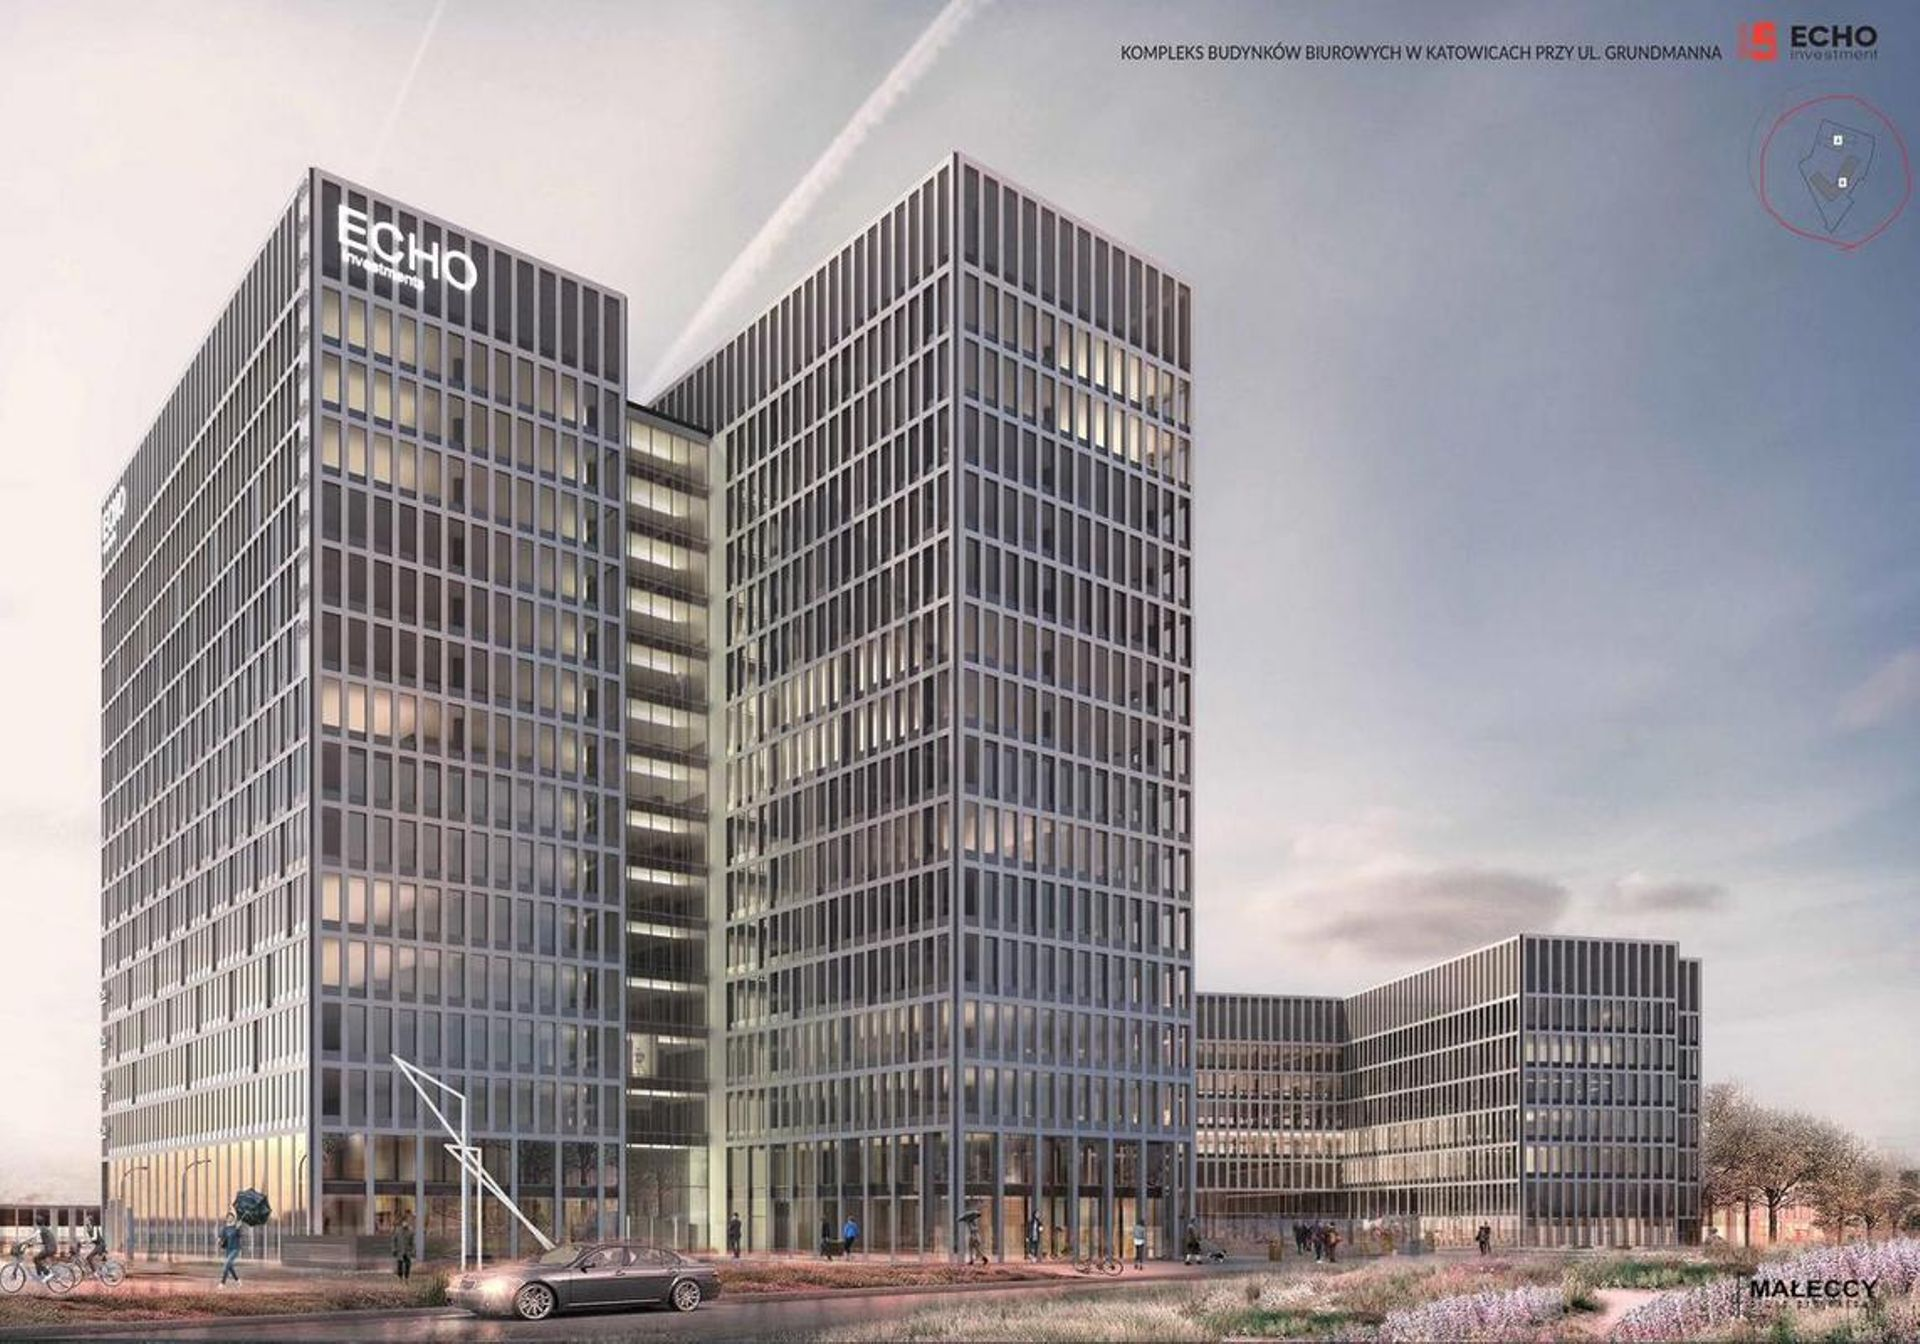 [Katowice] Echo Investment otrzymało 65 mln euro kredytu na budowę Face2Face w Katowicach